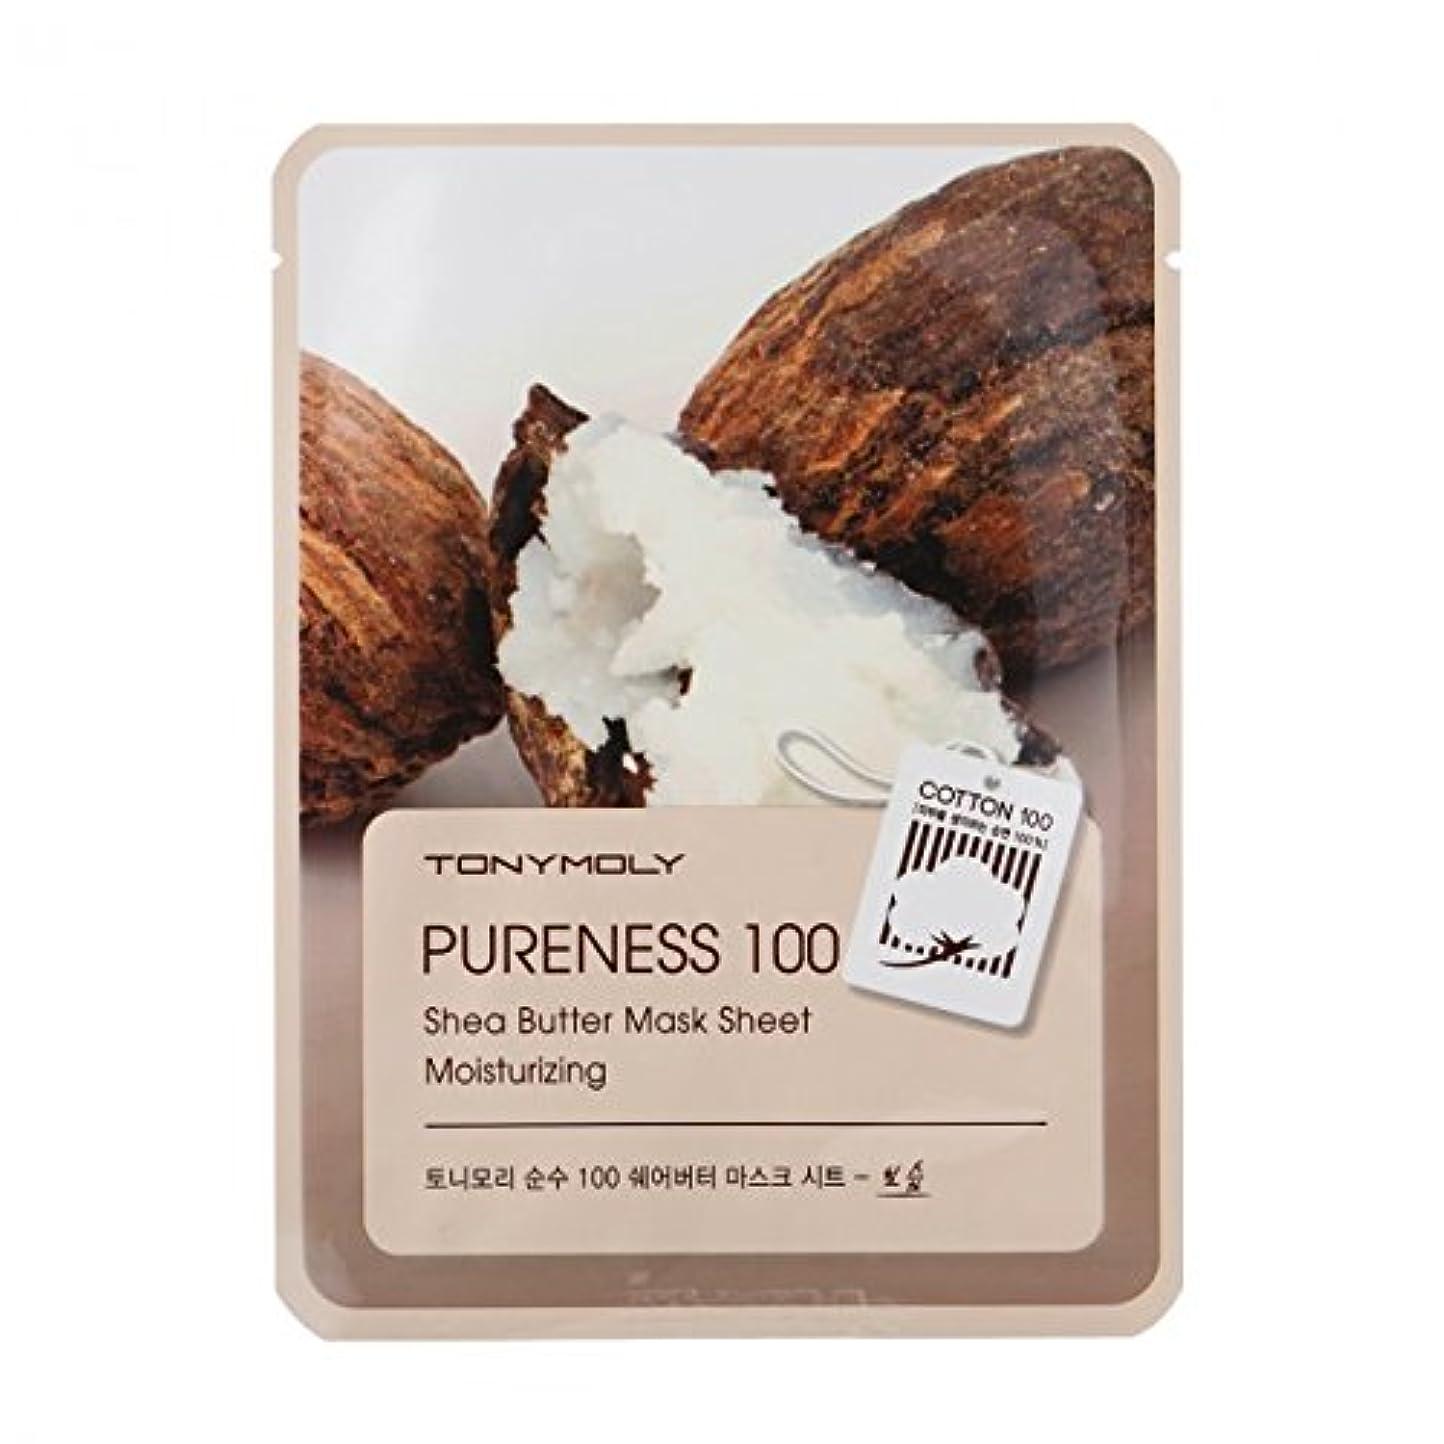 硬い気づく報酬(6 Pack) TONYMOLY Pureness 100 Shea Butter Mask Sheet Moisturizing (並行輸入品)